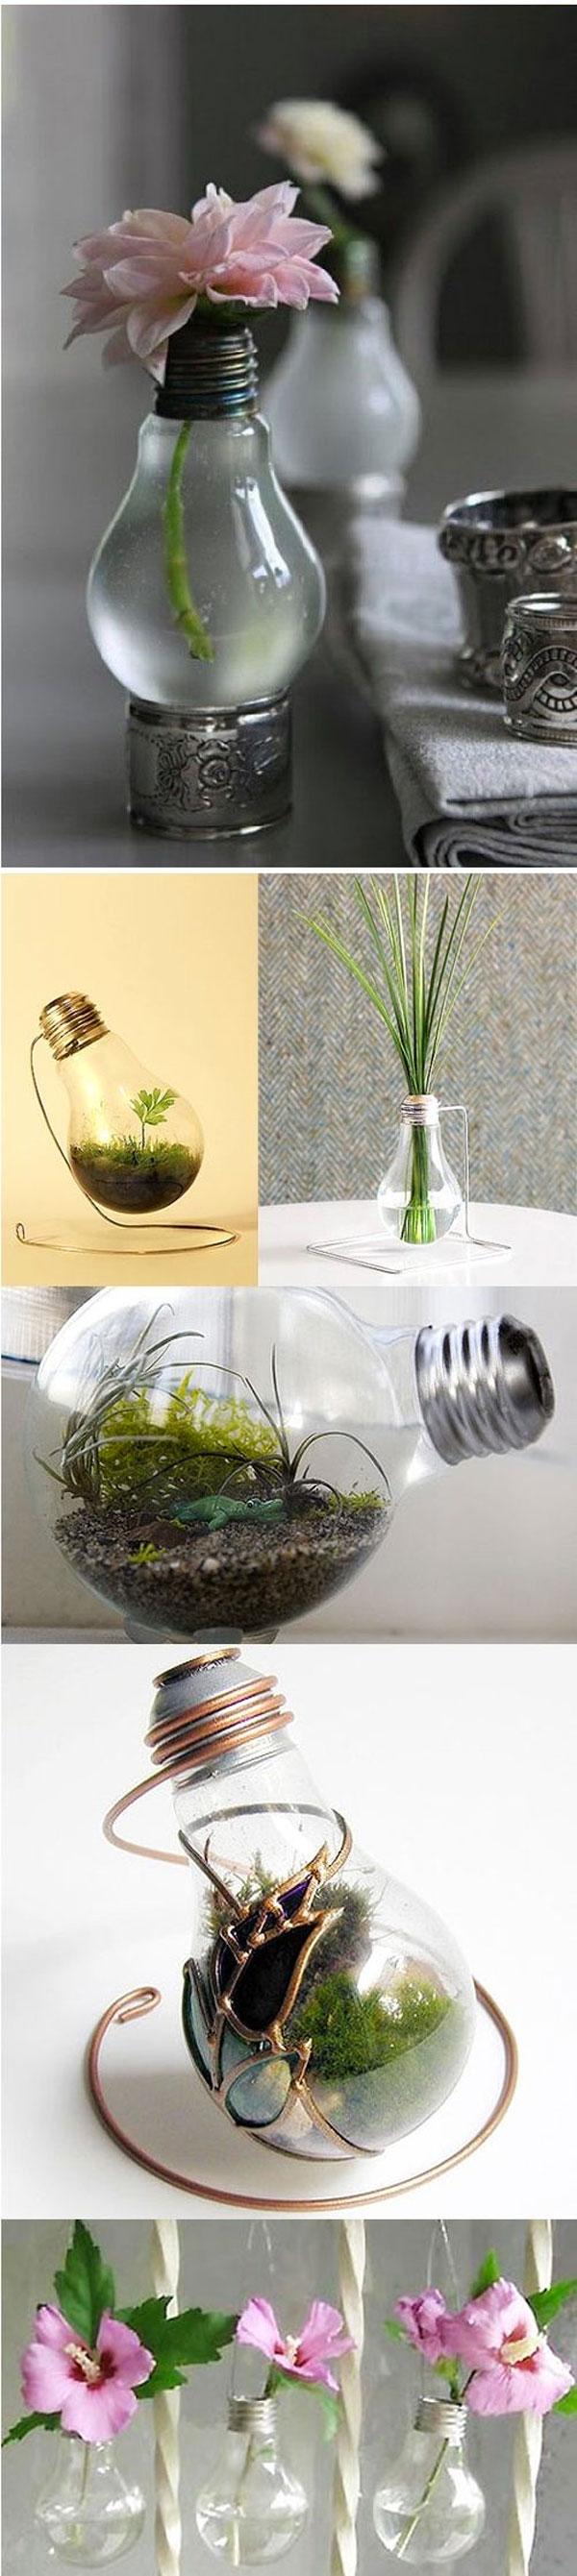 idee creative lampadine